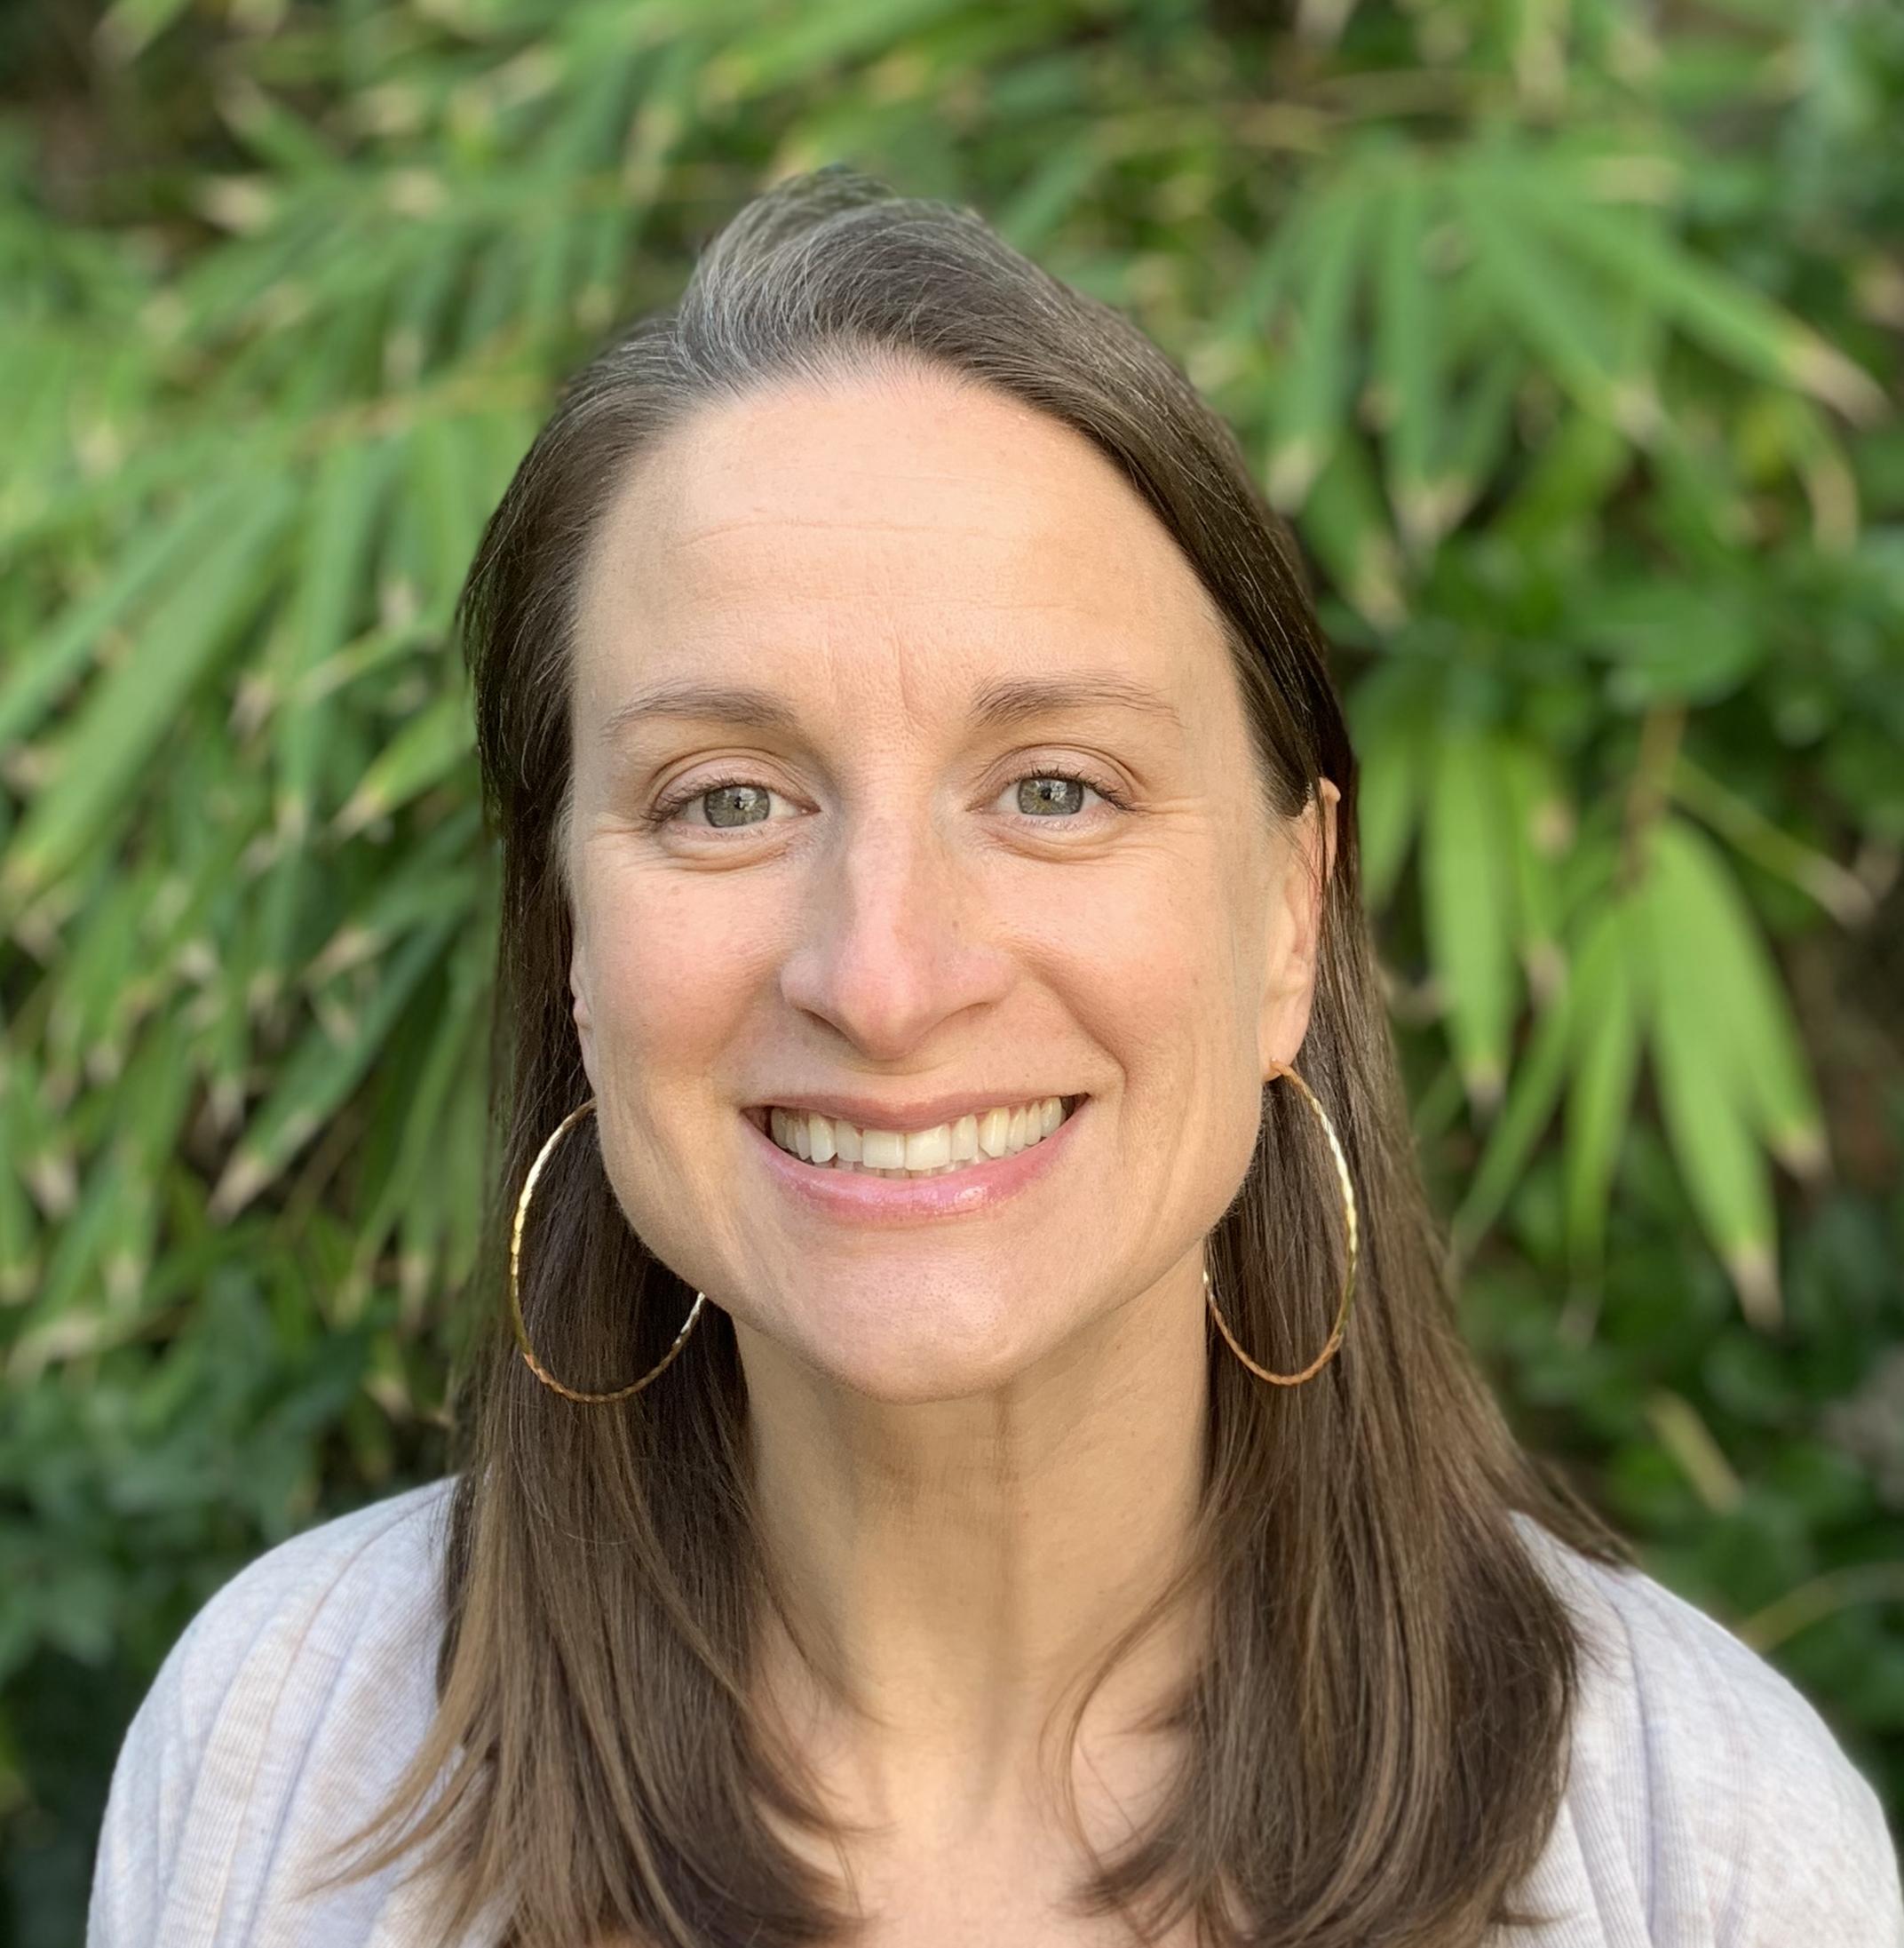 Lynne Shenk